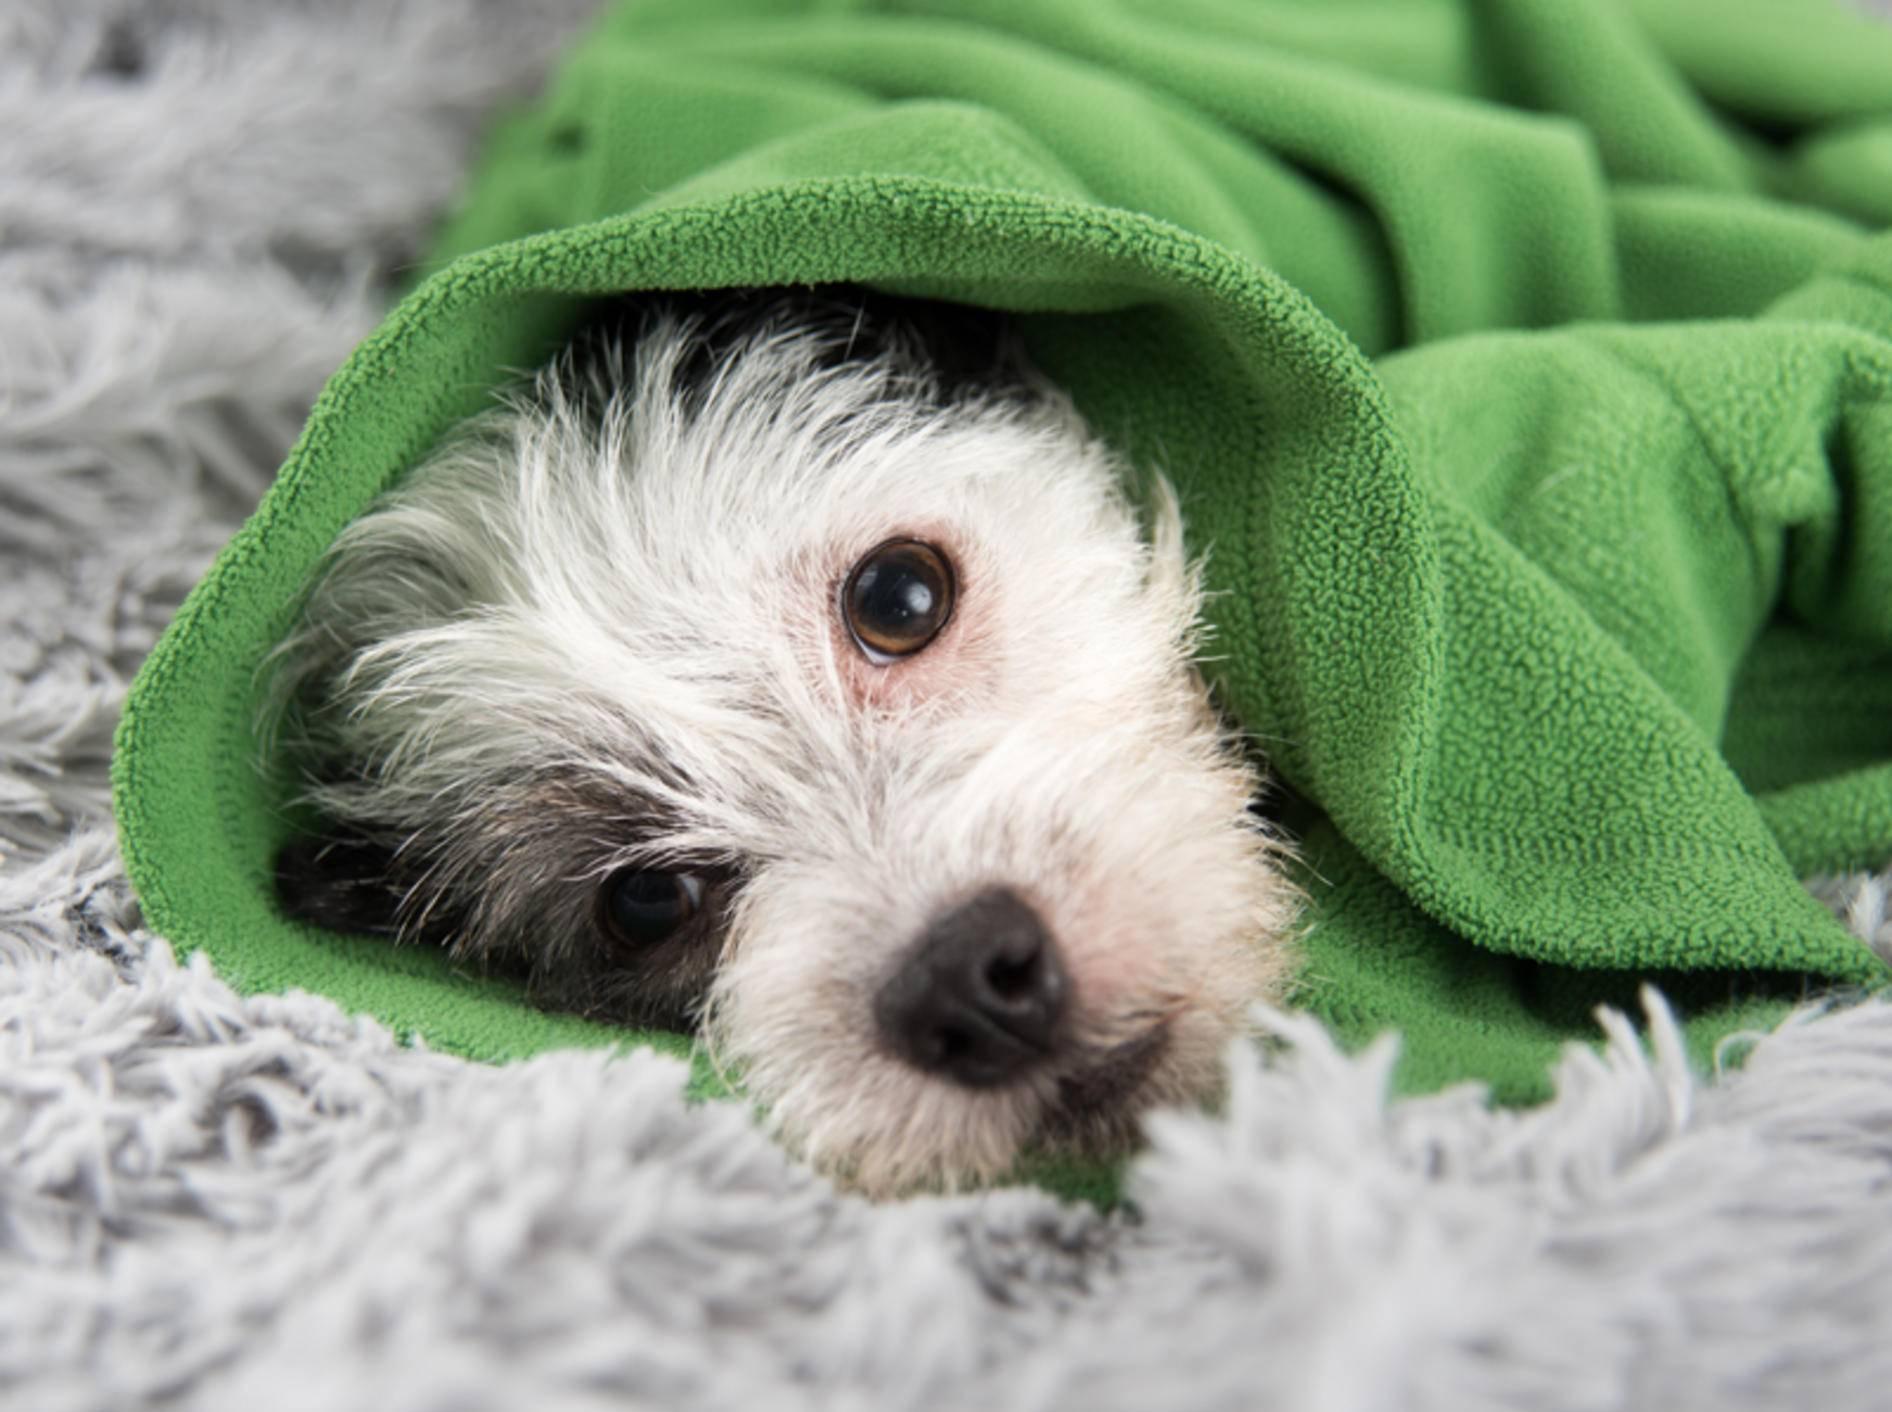 Ist Ihr Hund nur ein wenig schlapp oder handelt es sich um einen Notfall? – Shutterstock / Anna Hoychuk